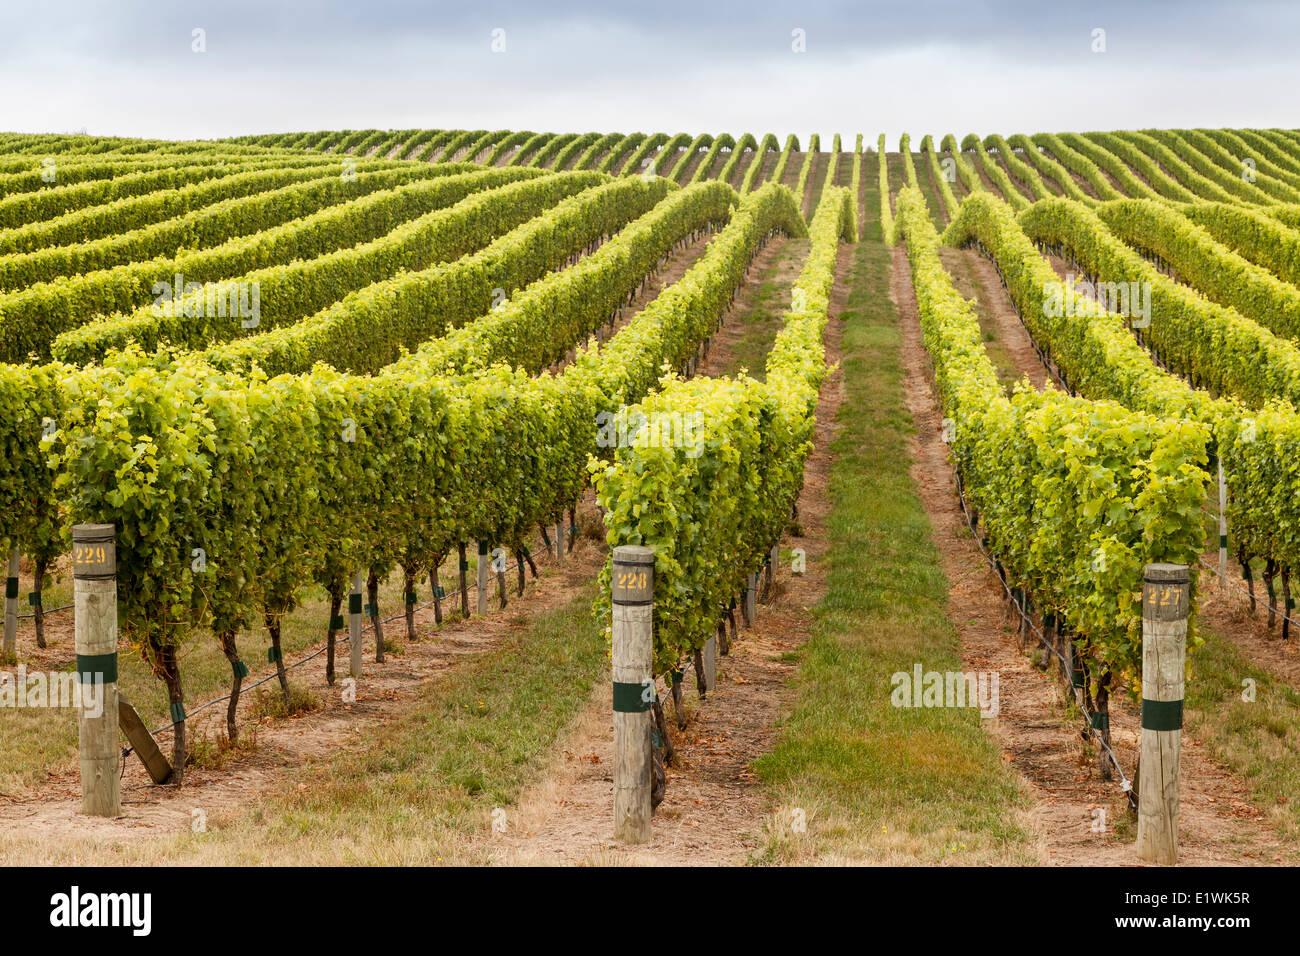 Weinberge in Marlborough Region auf der Nordinsel Neuseelands Stockfoto